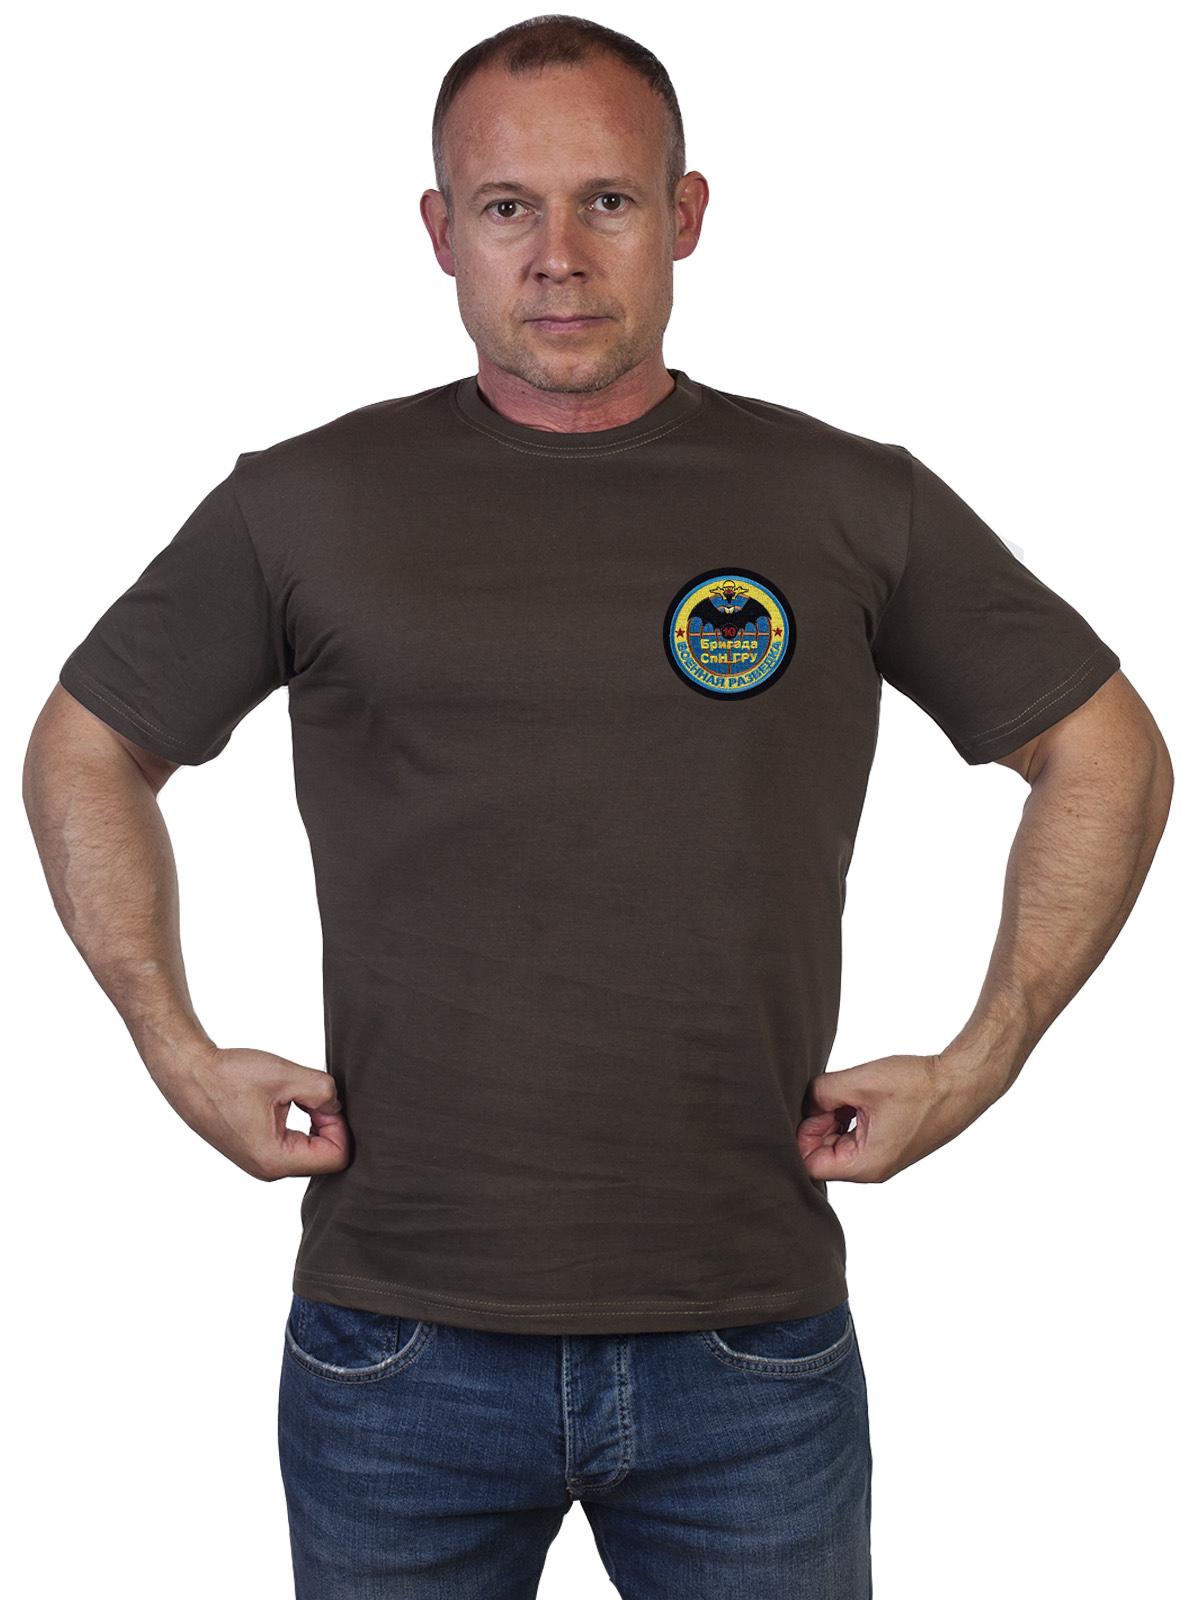 Мужские футболки с символикой 10 ОБрСпН